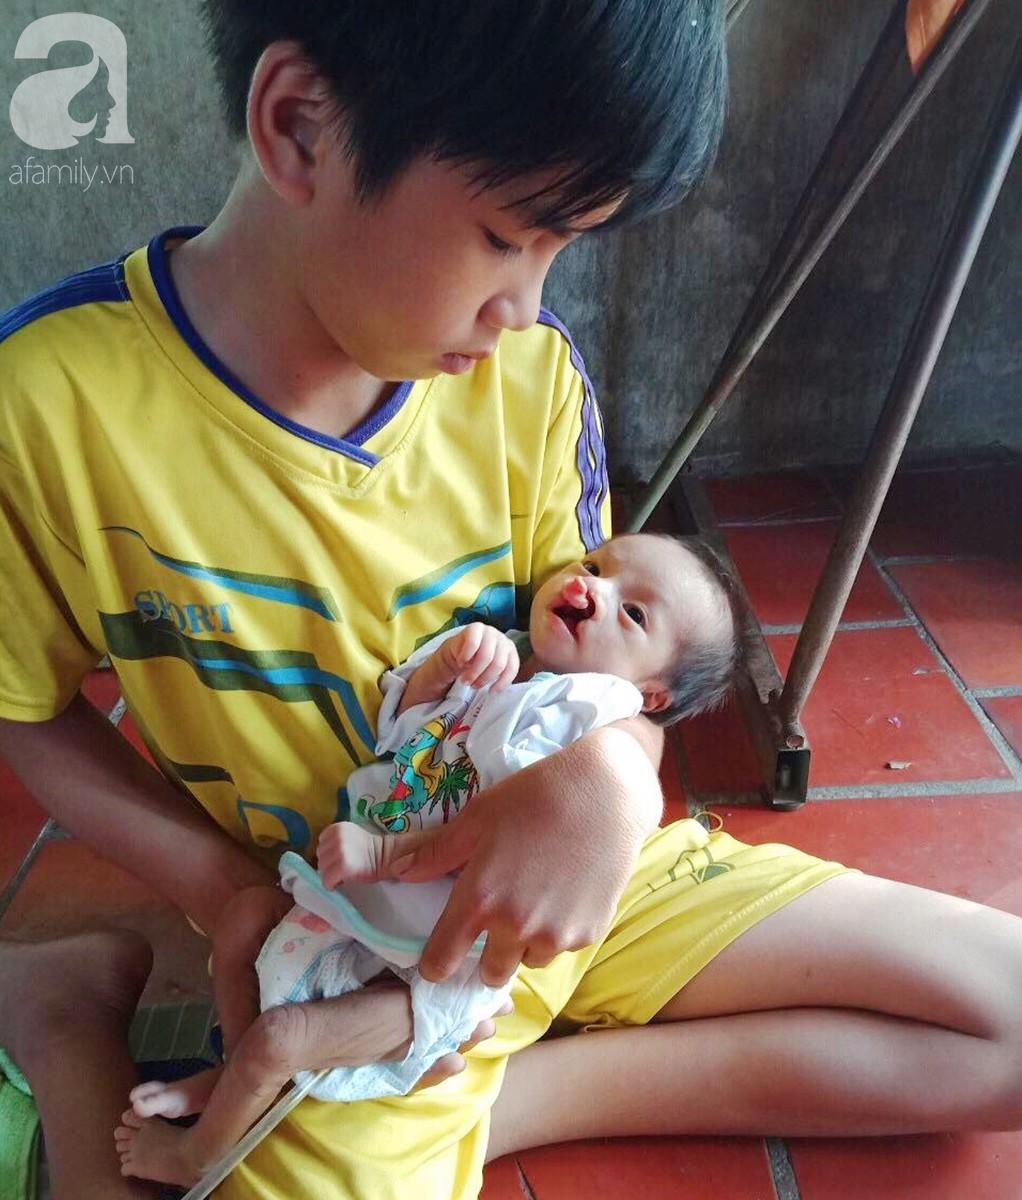 Xót cảnh bé trai 2 tháng tuổi suy dinh dưỡng, nặng chỉ 2 ký mà mẹ nghèo không đủ tiền đưa lên Sài Gòn chữa bệnh - Ảnh 11.